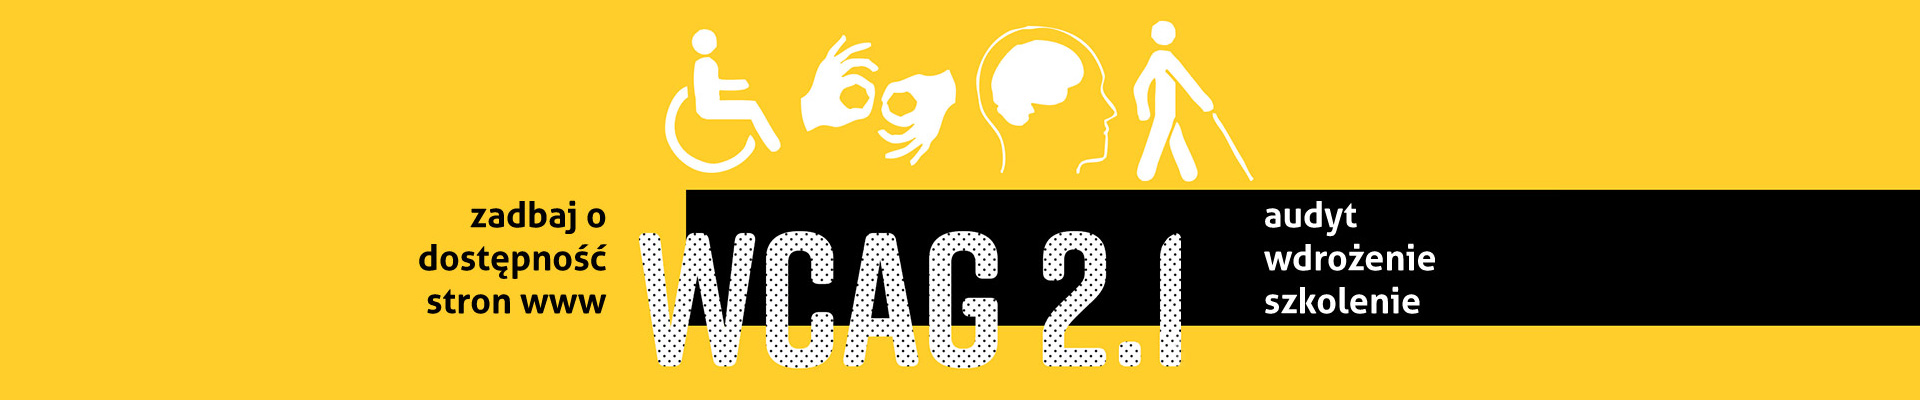 WCAG 2.1